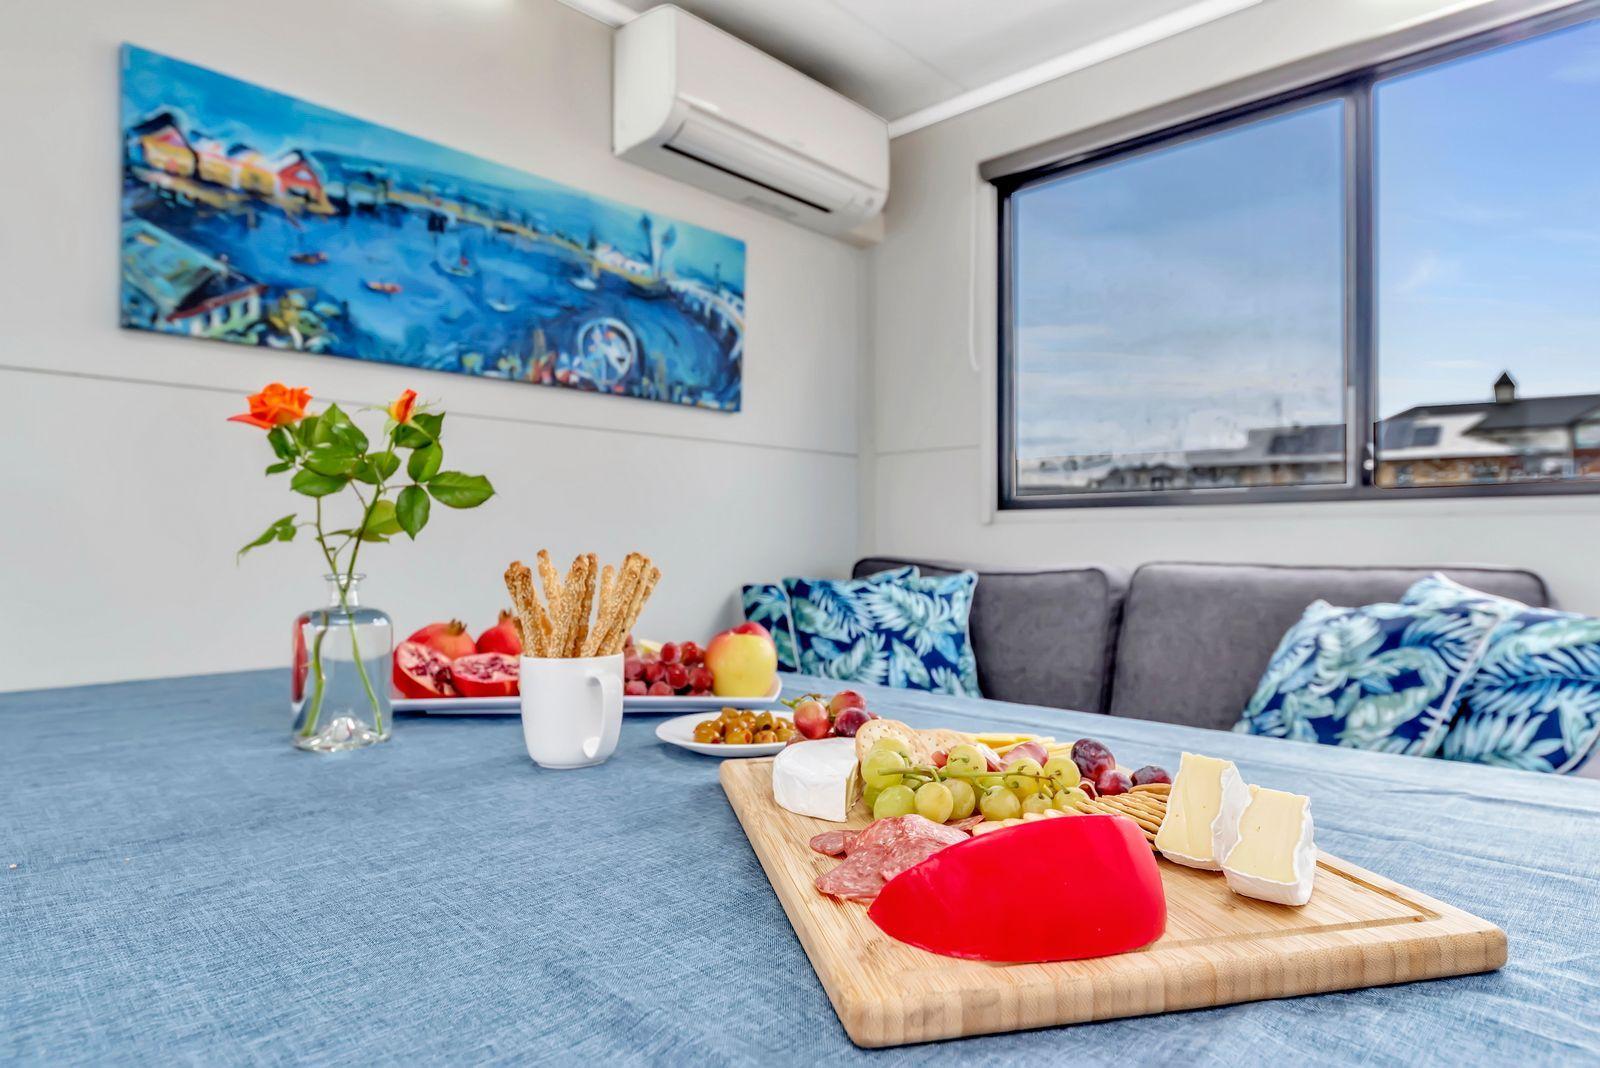 Houseboat Holidays in Perth and Mandurah - Mandurah Holidays.jpeg